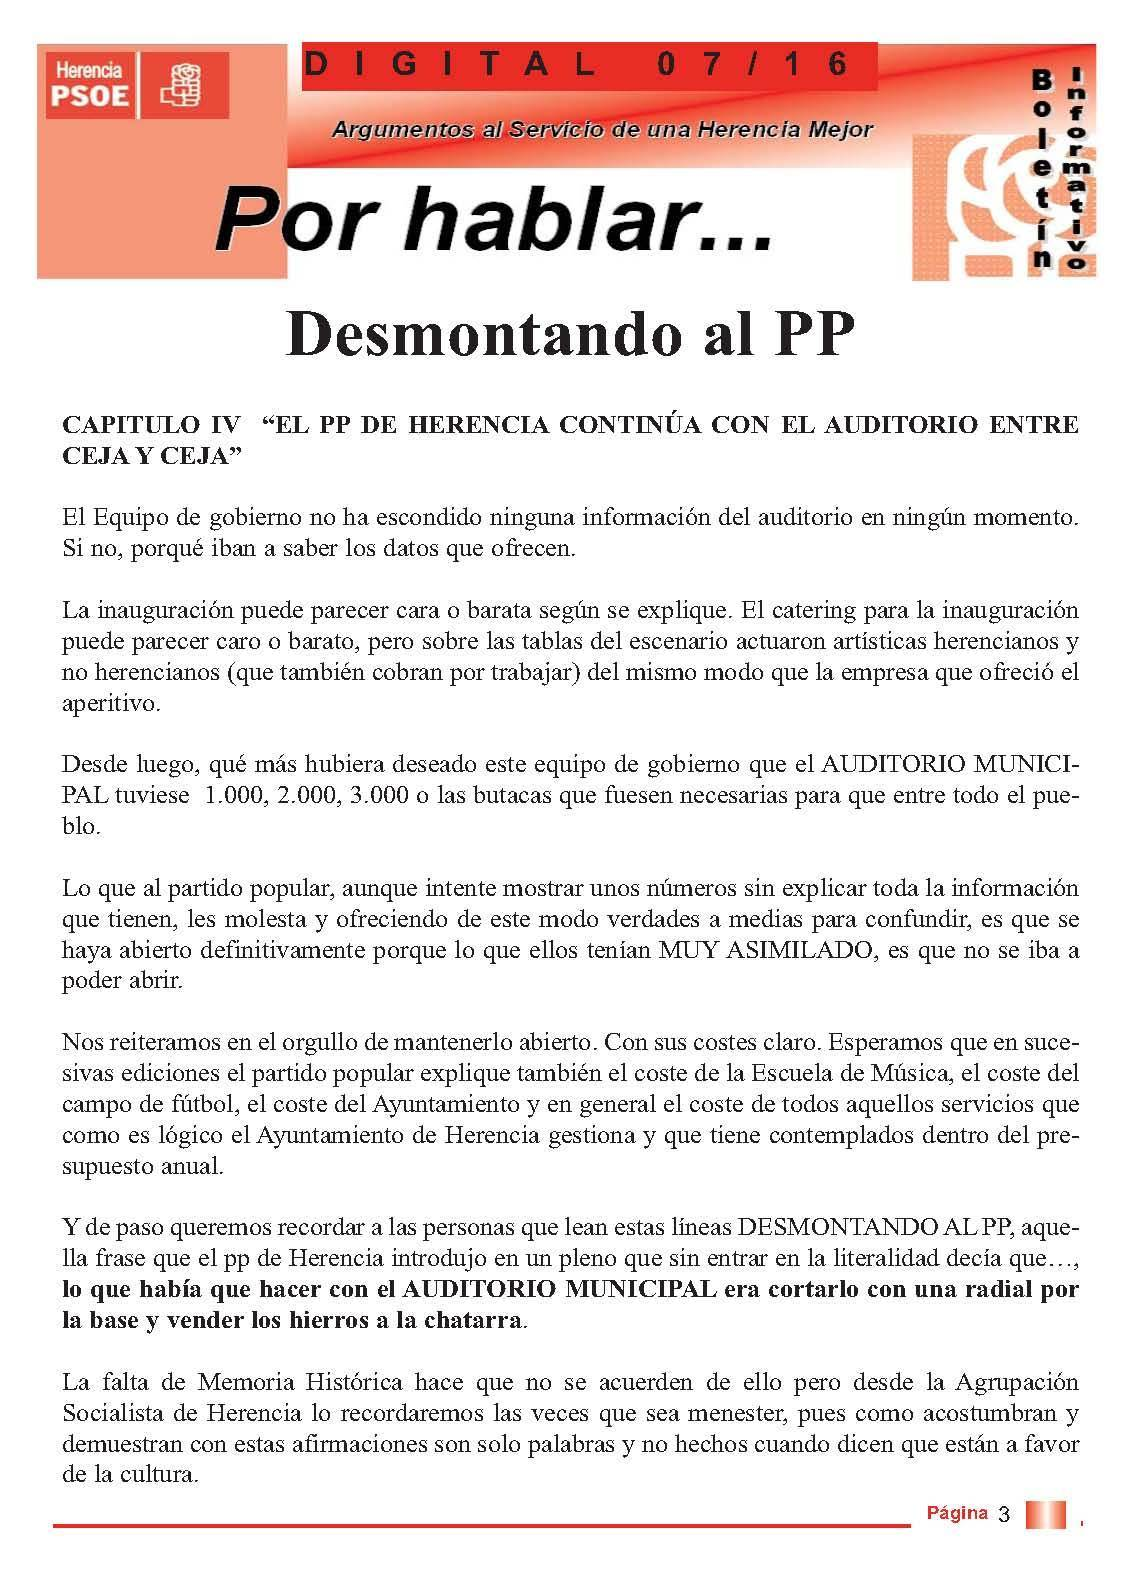 boletin informatico psoe herencia desmontando al pp 3 - PSOE responde al boletín del PP con otro boletín